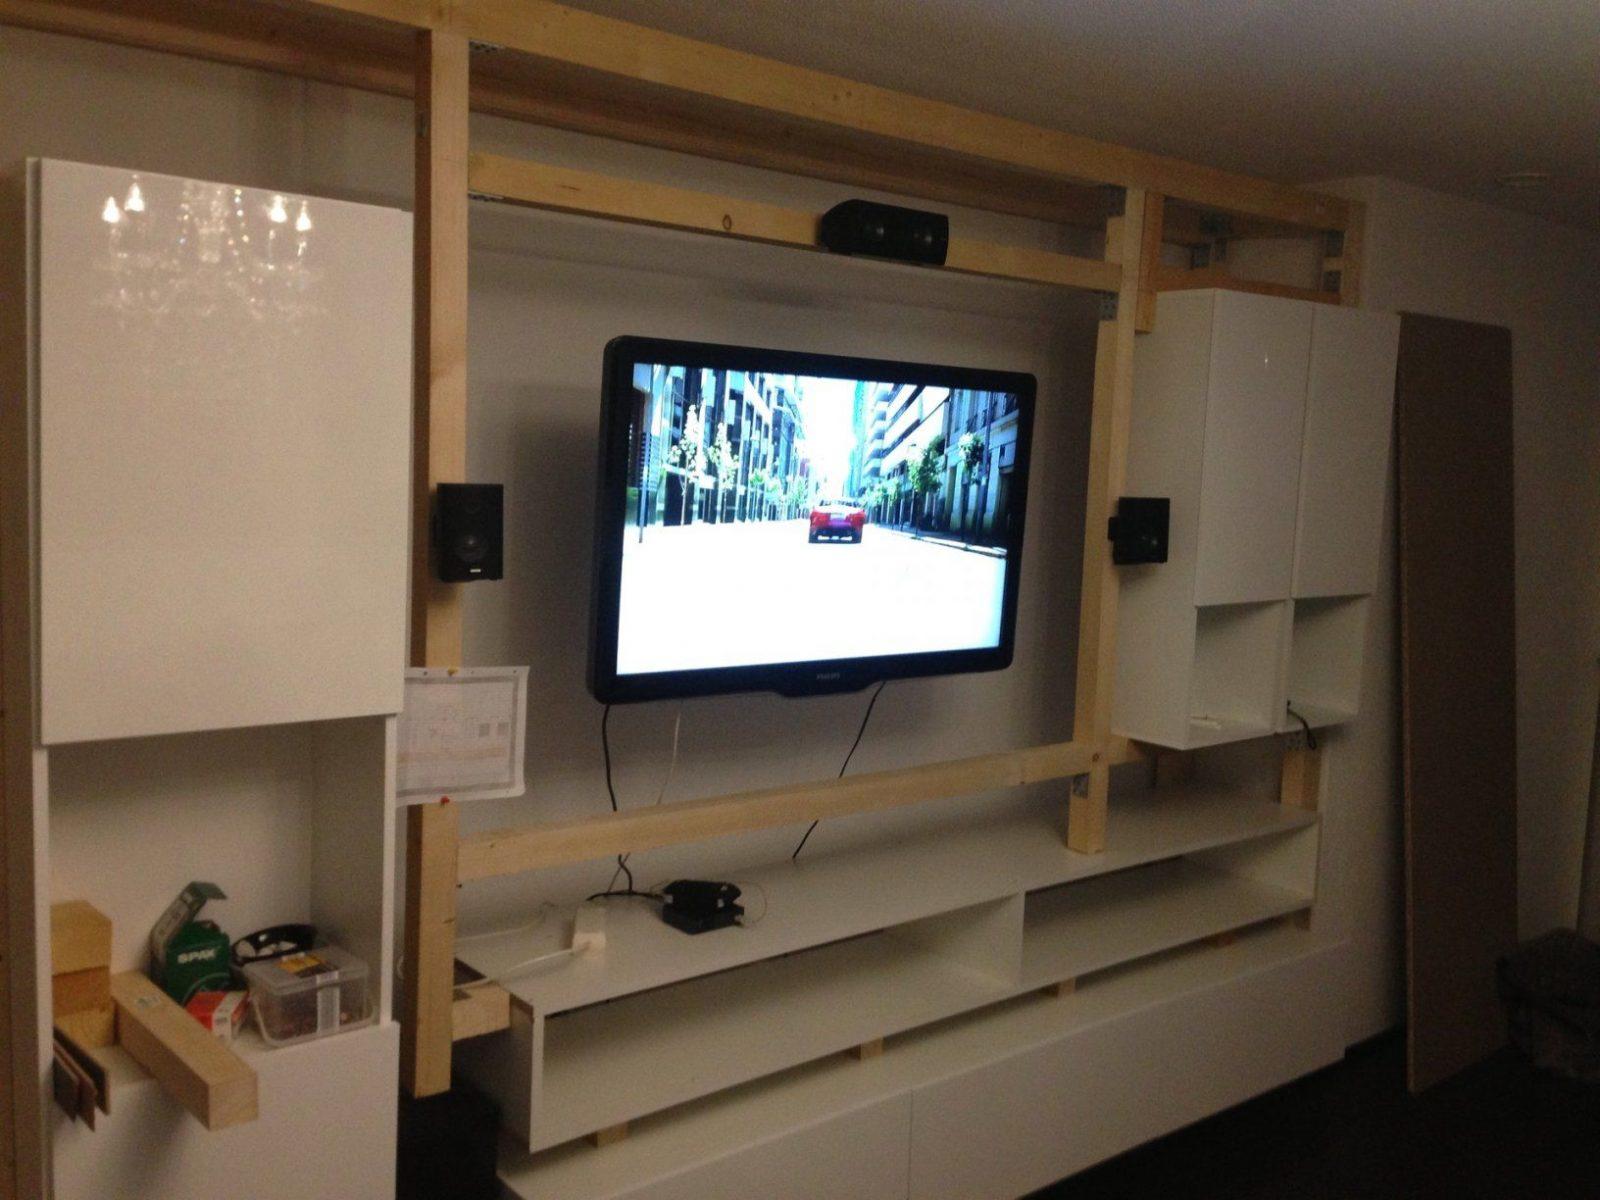 Tv Wand Selber Bauen Mit Mediawand Selbst Gebaut Sonstiges Hifi von Hifi Wand Selber Bauen Bild